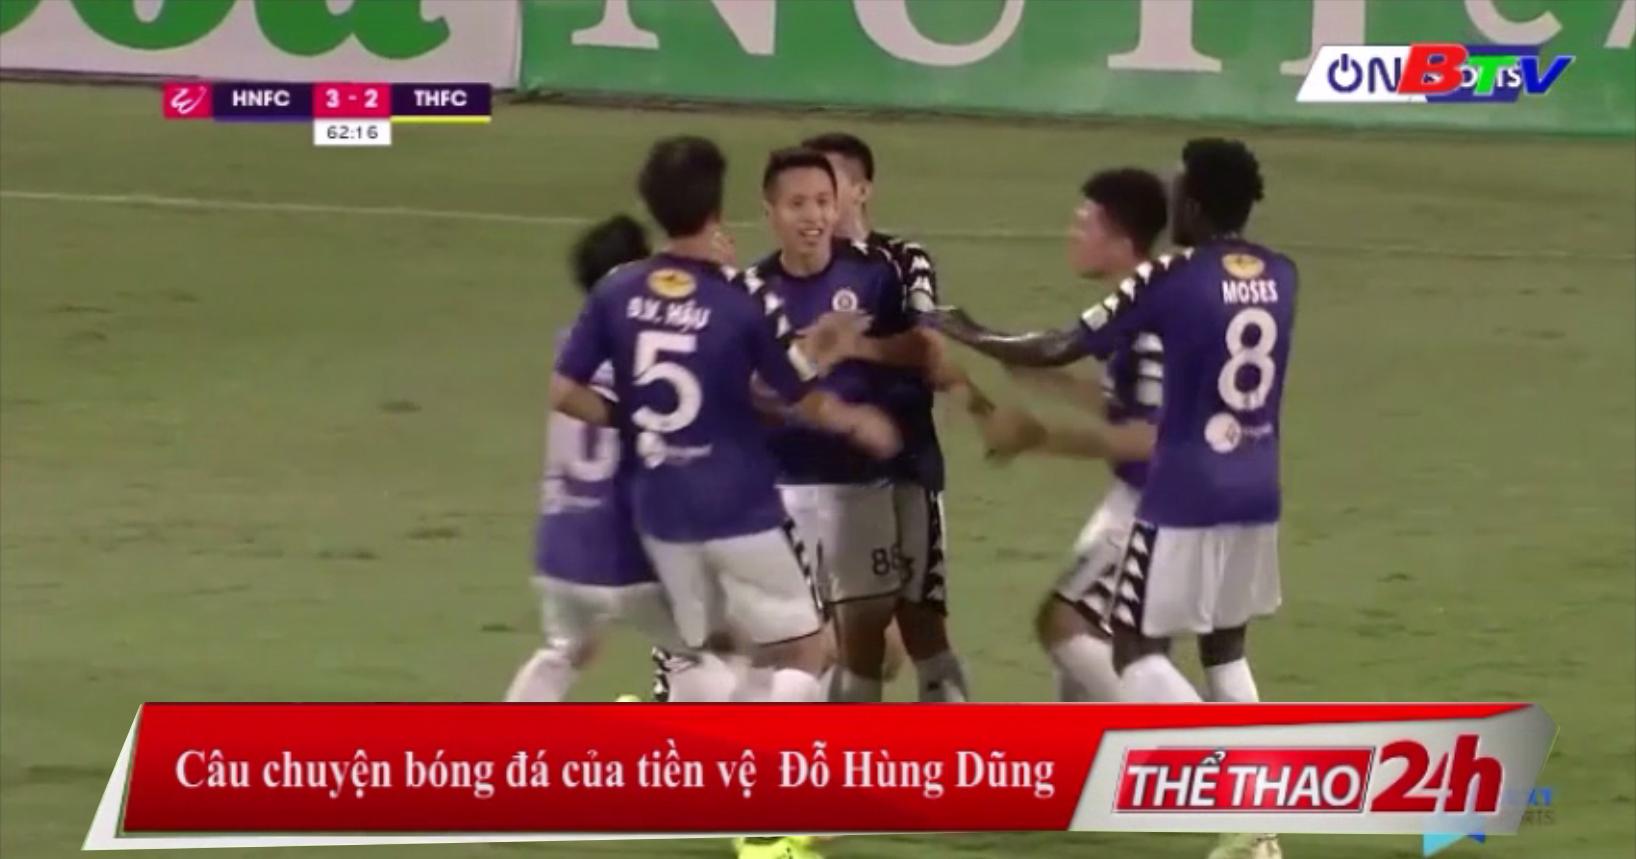 Câu chuyện bóng đá của tiền vệ Nguyễn Hùng Dũng